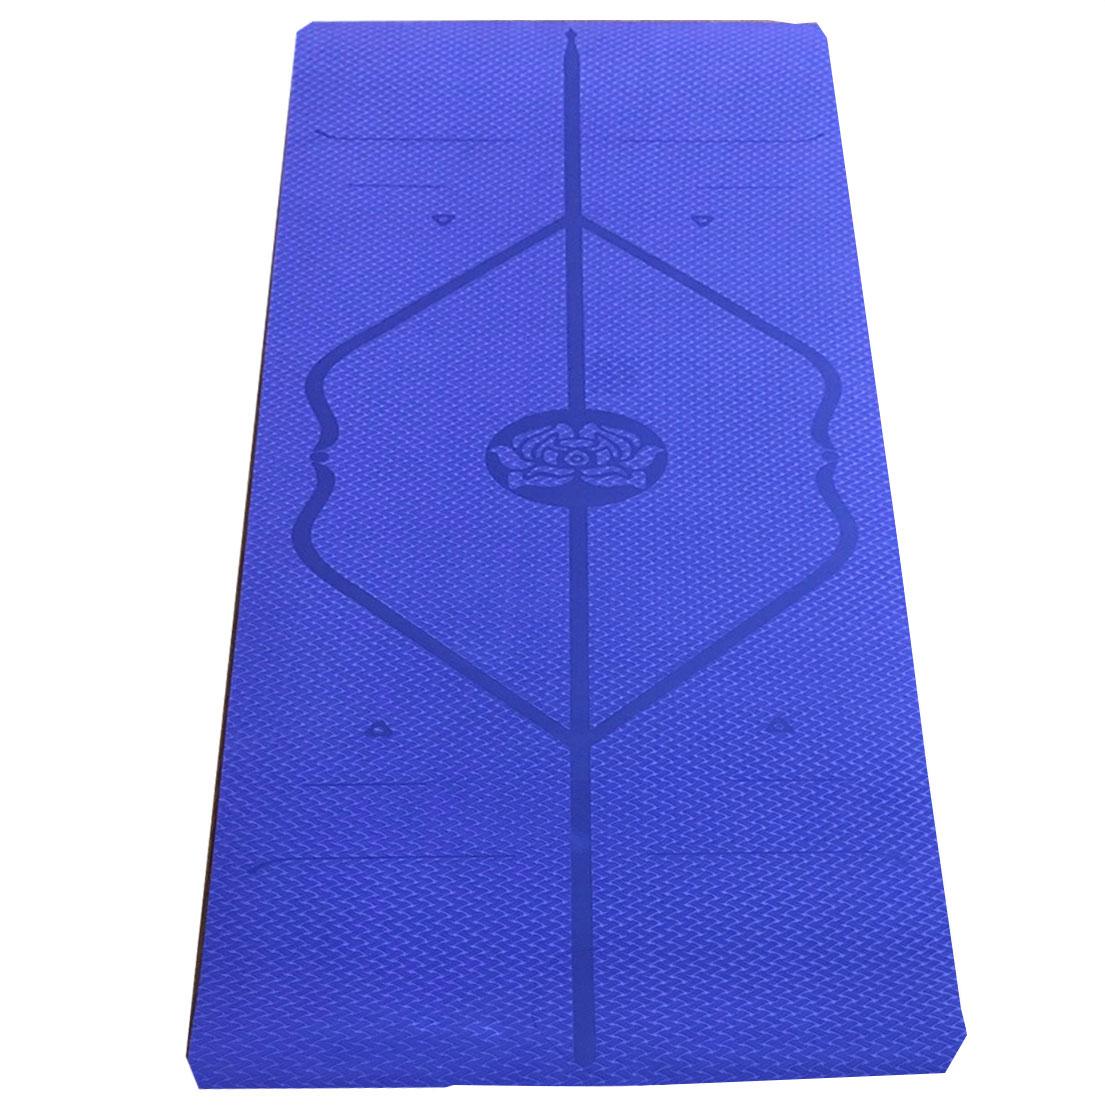 Hình ảnh thảm yoga xanh dương đậm